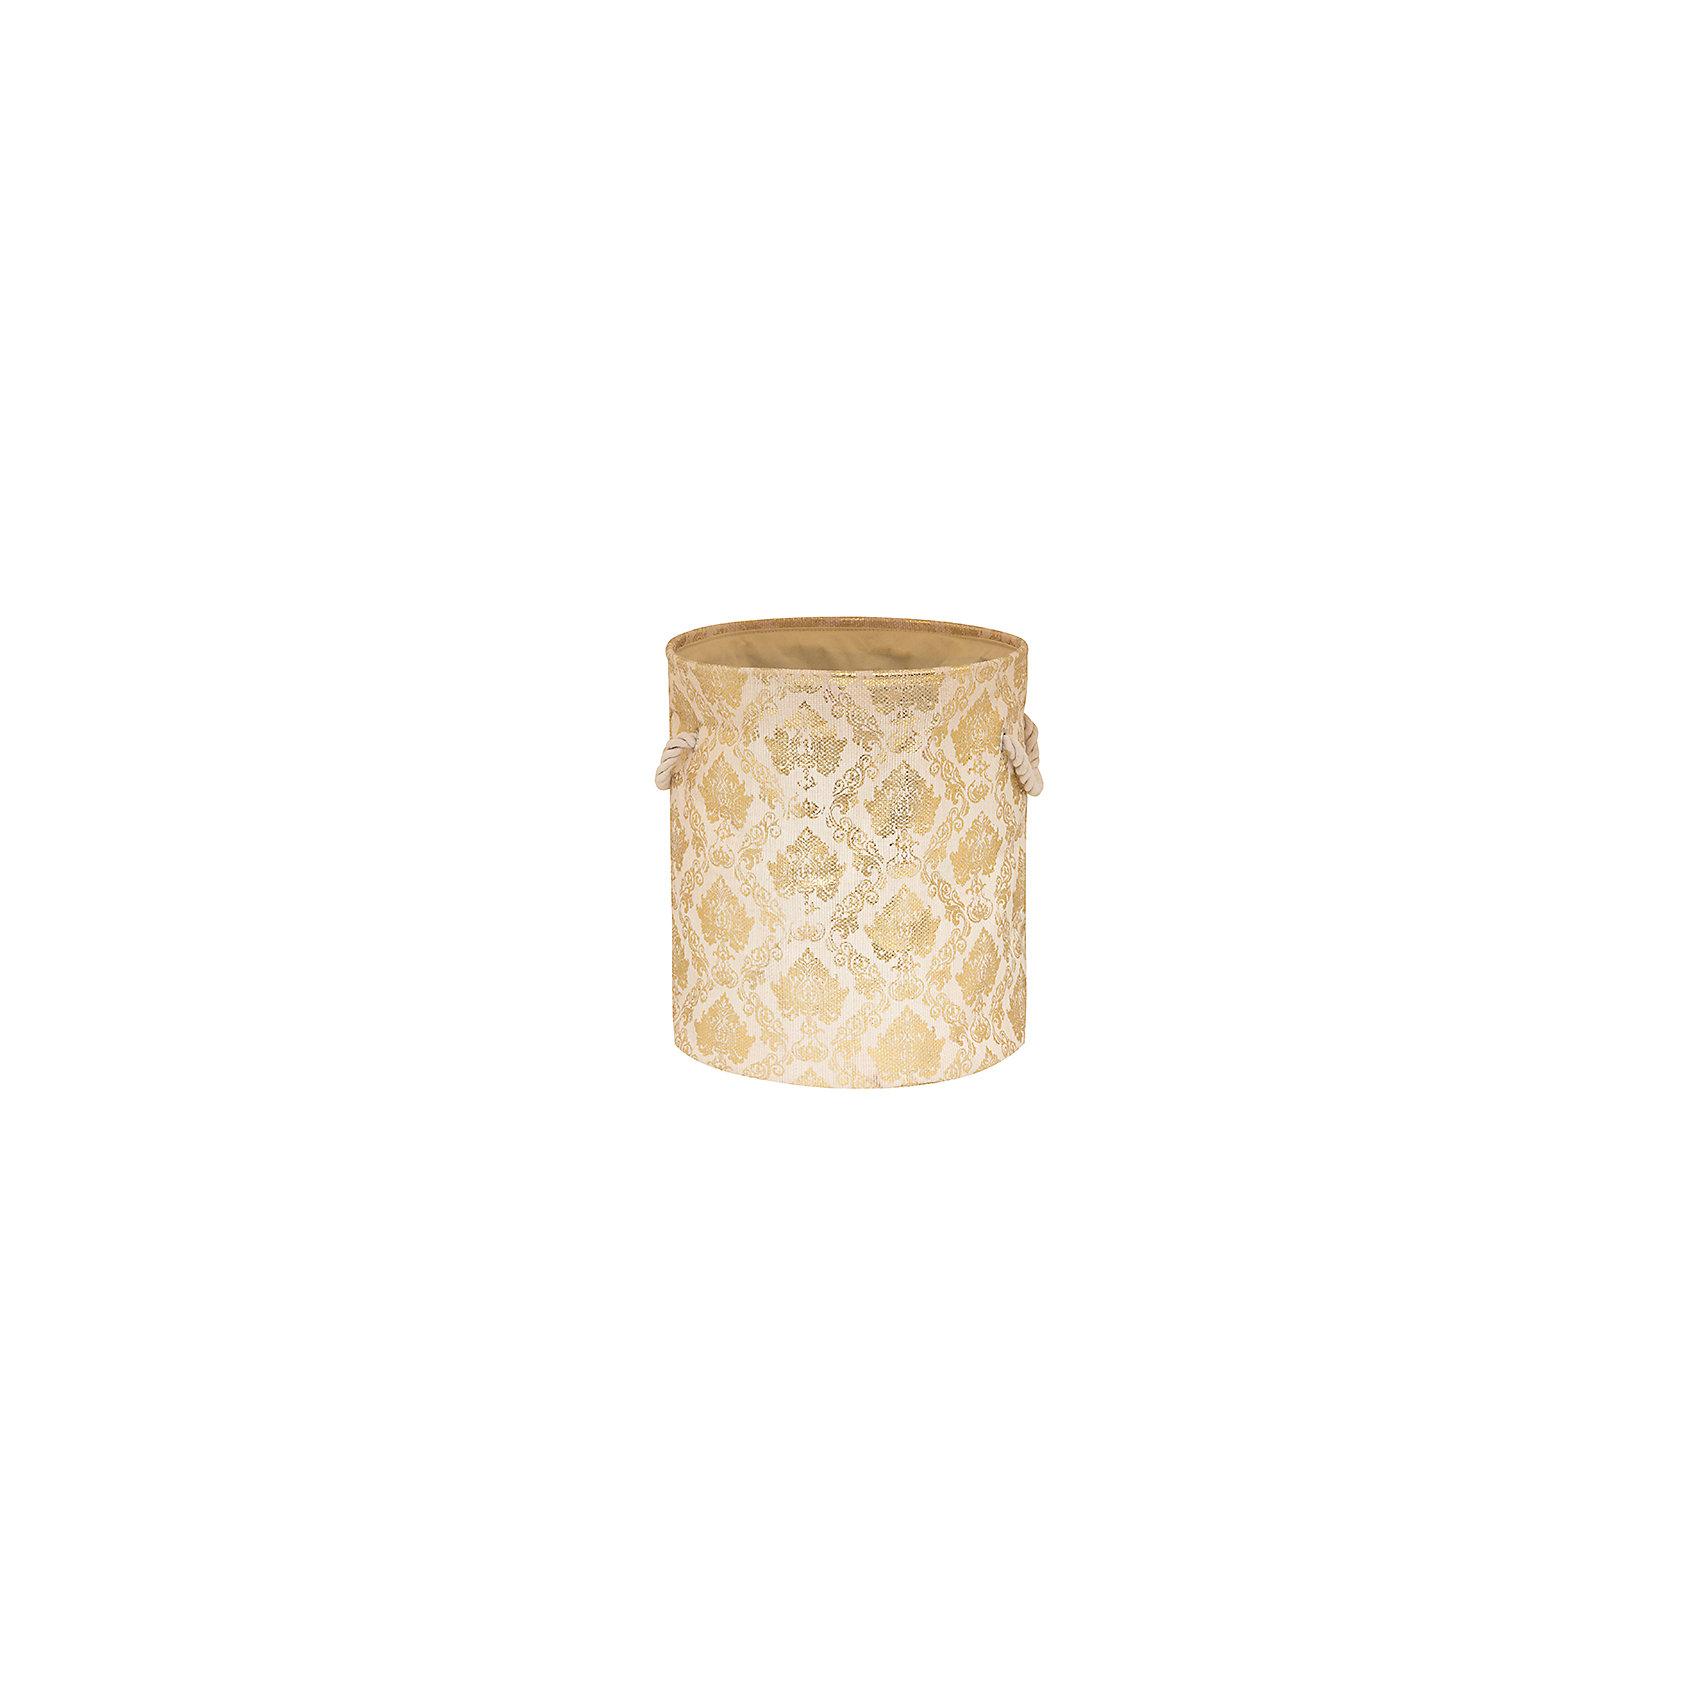 Кофр складной для хранения 34*34*40 см. Золотой узор, EL CasaПорядок в детской<br>Кофр складной мягкий для хранения имеет форму цилиндра. Не имеет жестких вставок, при этом держит форму и имеет эстетичный вид. Легко слкадывается и раскладывается, подходит для размещения в шкафу.<br><br>Ширина мм: 340<br>Глубина мм: 340<br>Высота мм: 70<br>Вес г: 417<br>Возраст от месяцев: 0<br>Возраст до месяцев: 1188<br>Пол: Унисекс<br>Возраст: Детский<br>SKU: 6668723